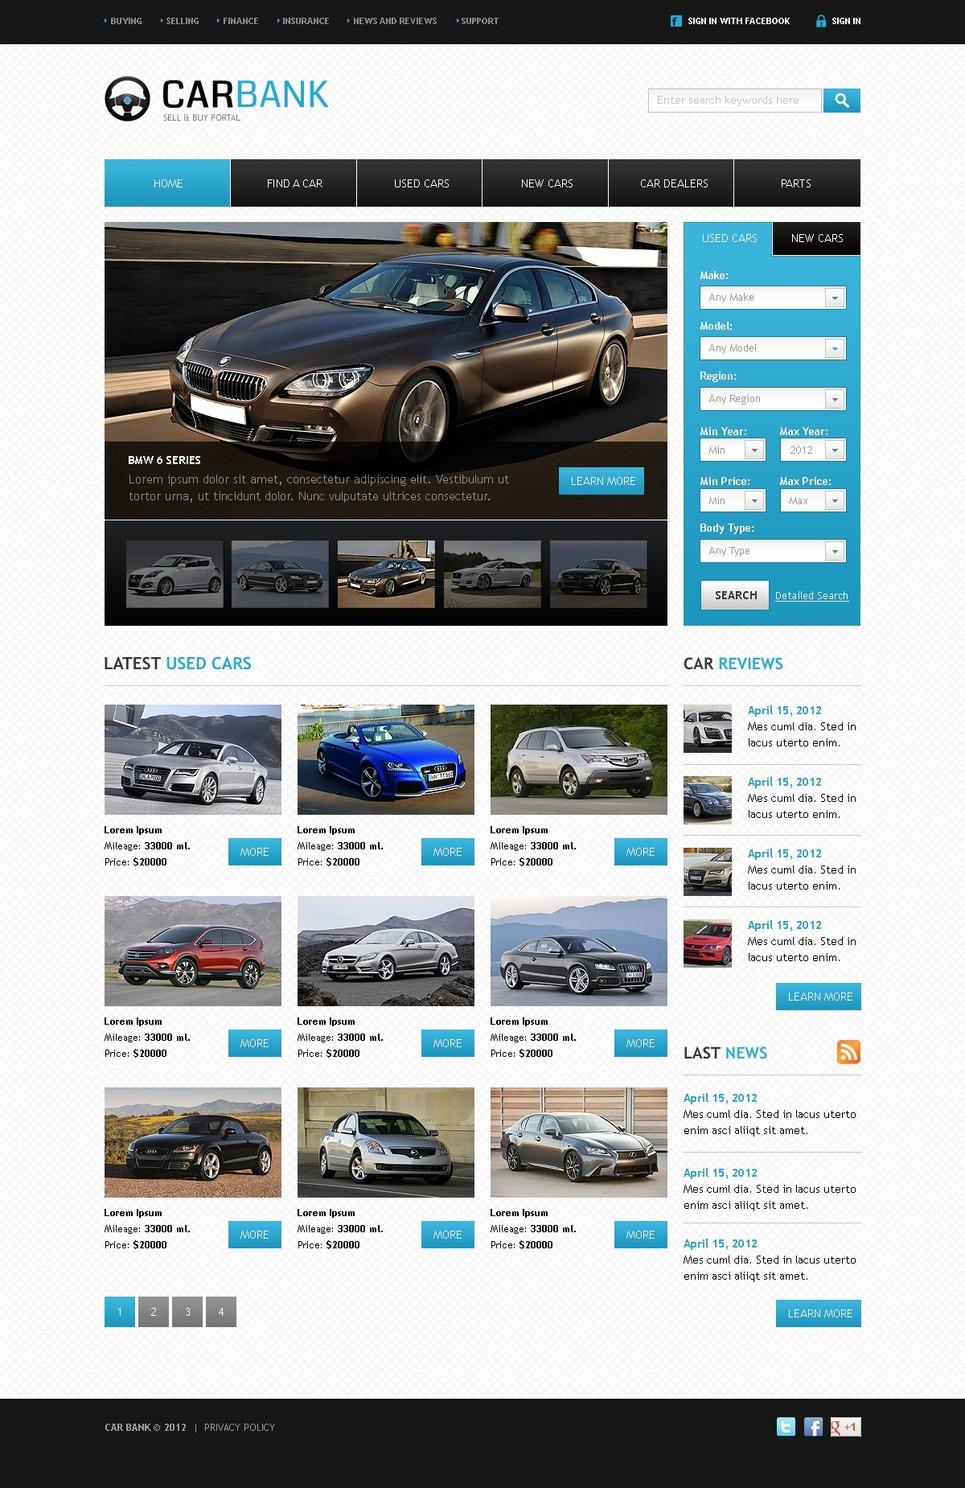 car dealer website template 39299. Black Bedroom Furniture Sets. Home Design Ideas